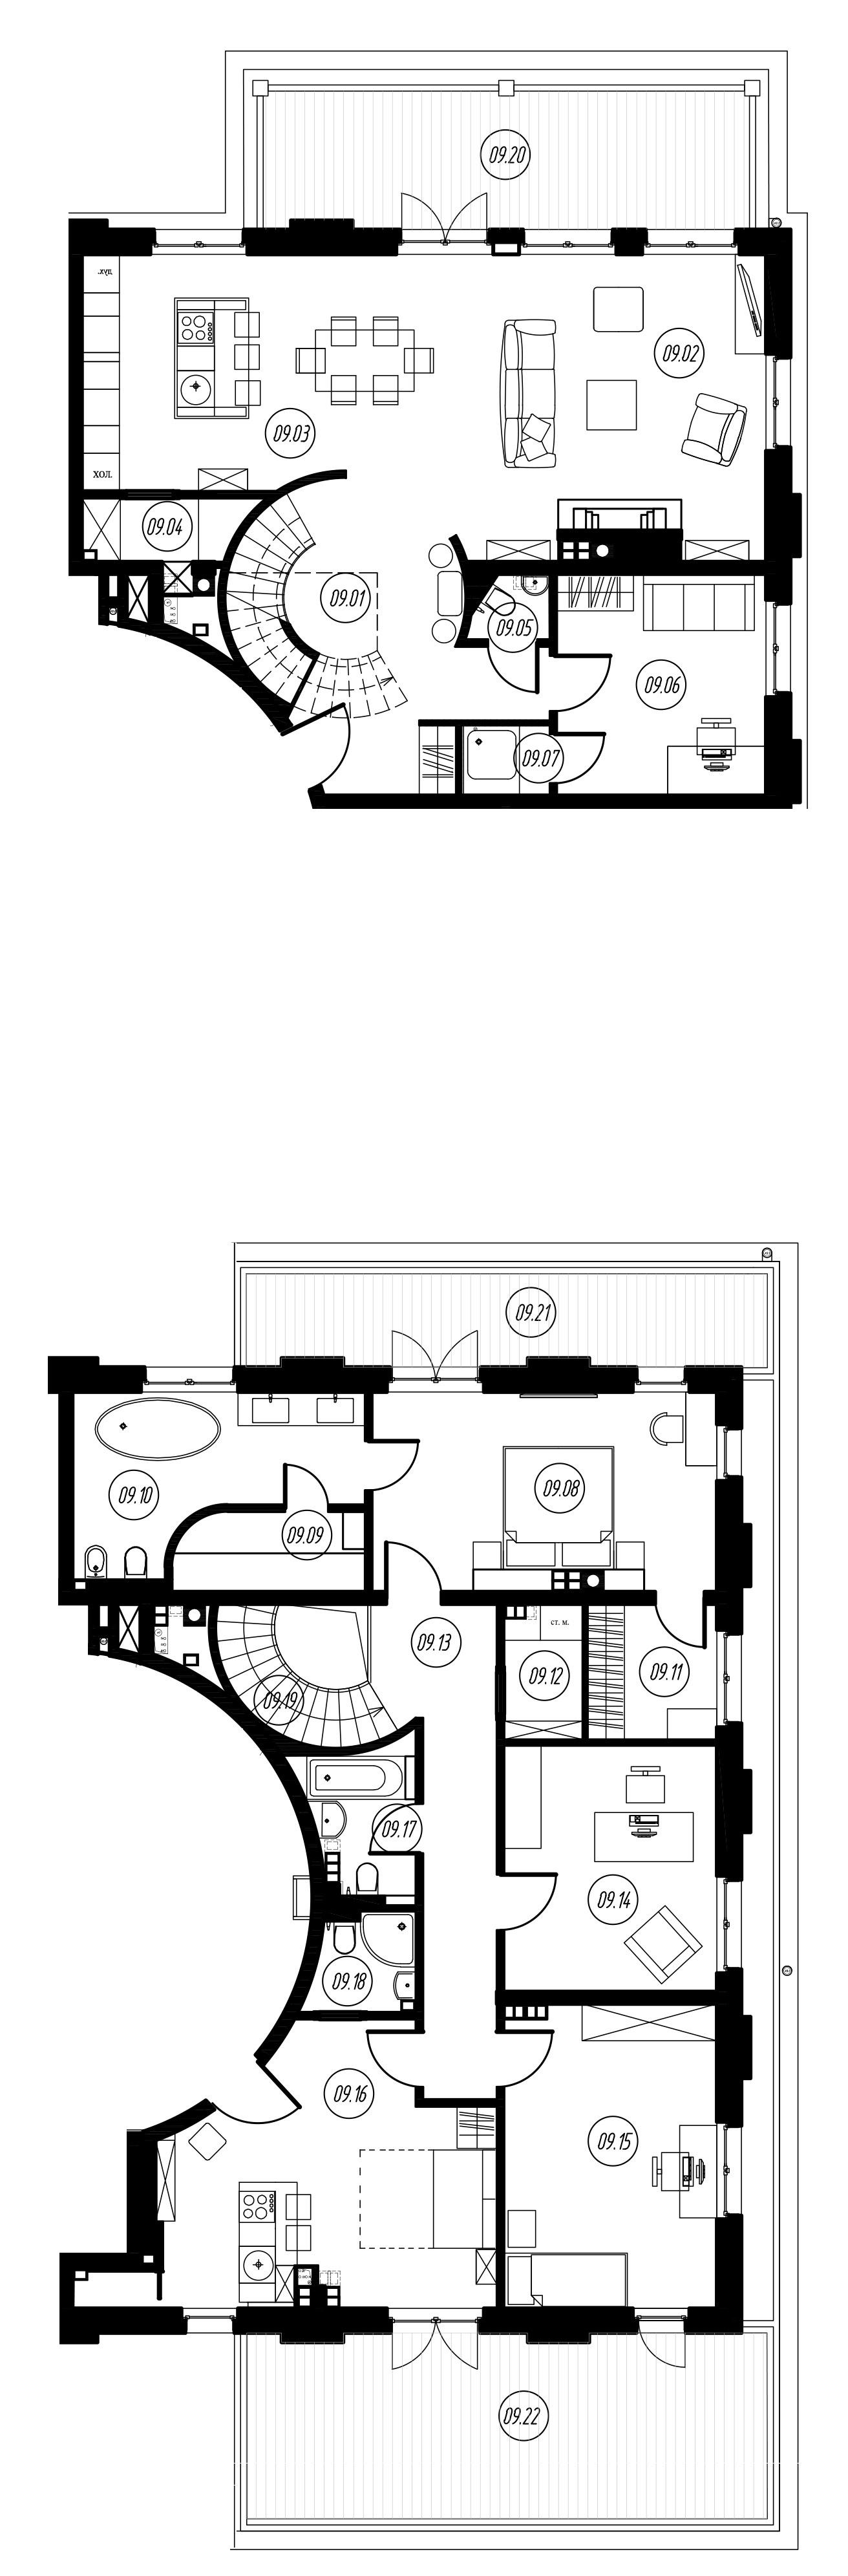 4-комнатная 194 м<sup>2</sup> на 3 этаже